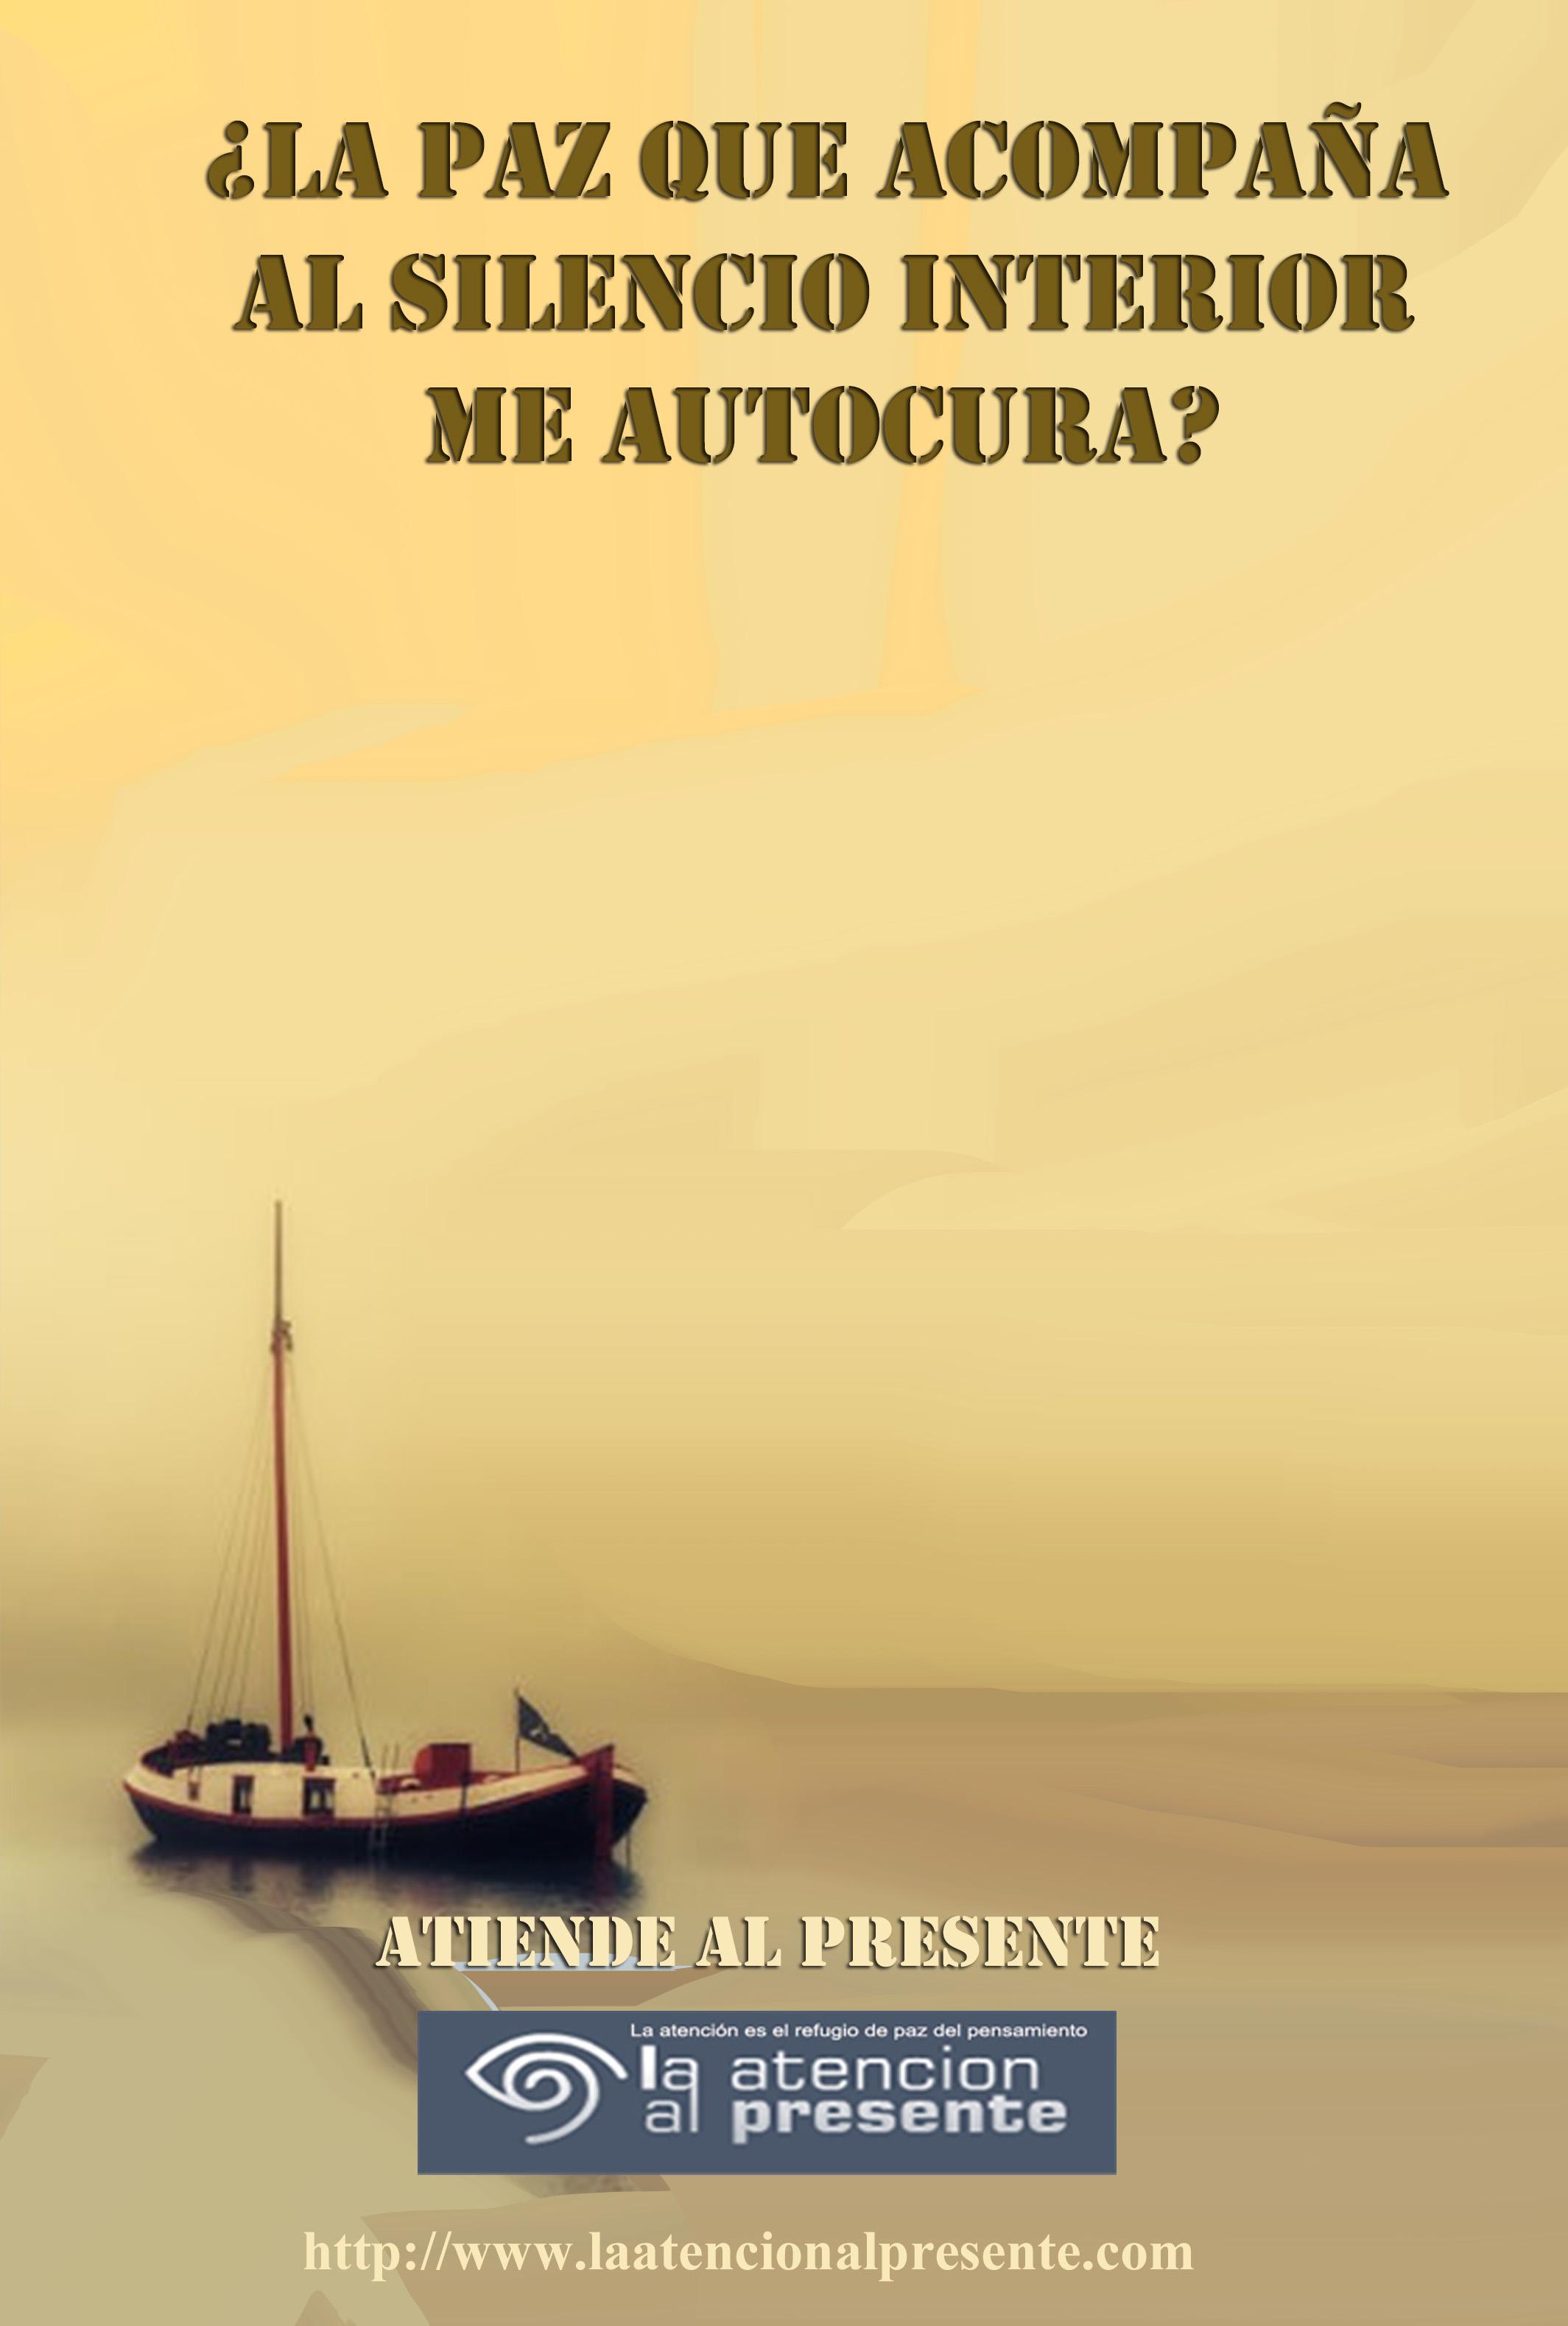 24 de setiembre Pepe La Paz que acompaña al silencio interior me autocura